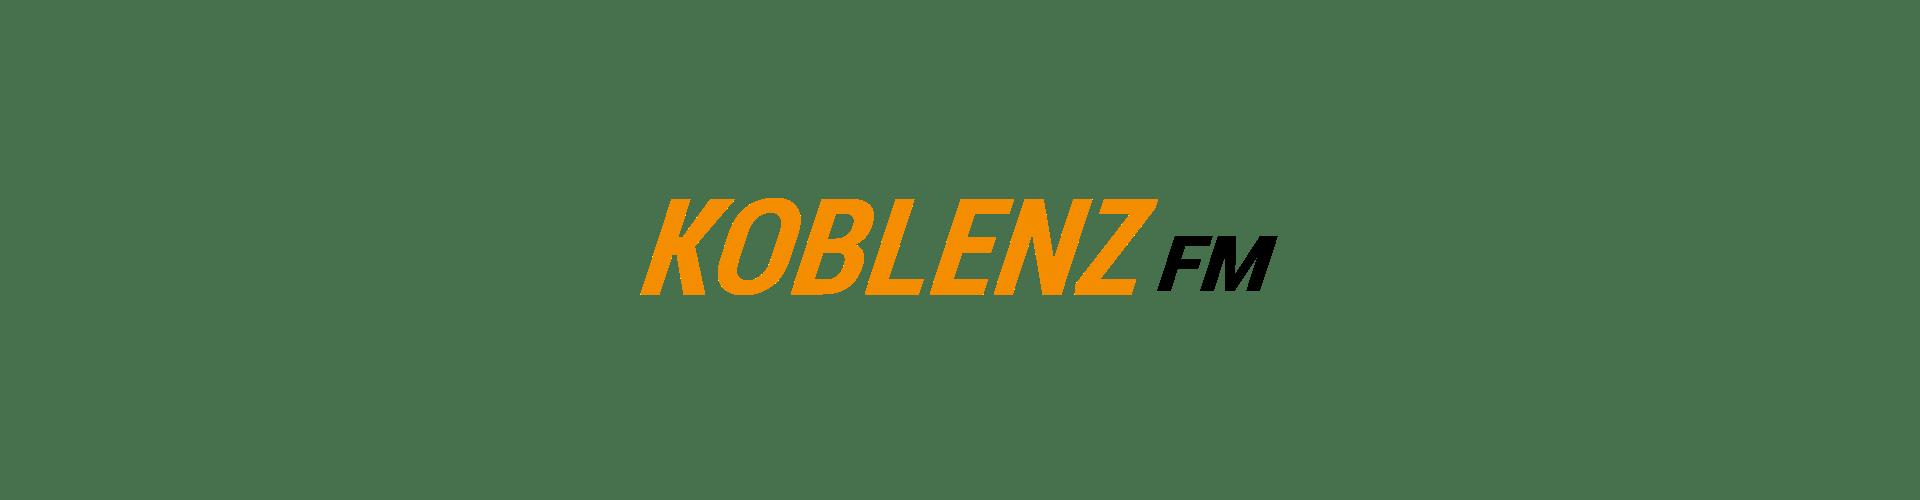 Koblenz FM